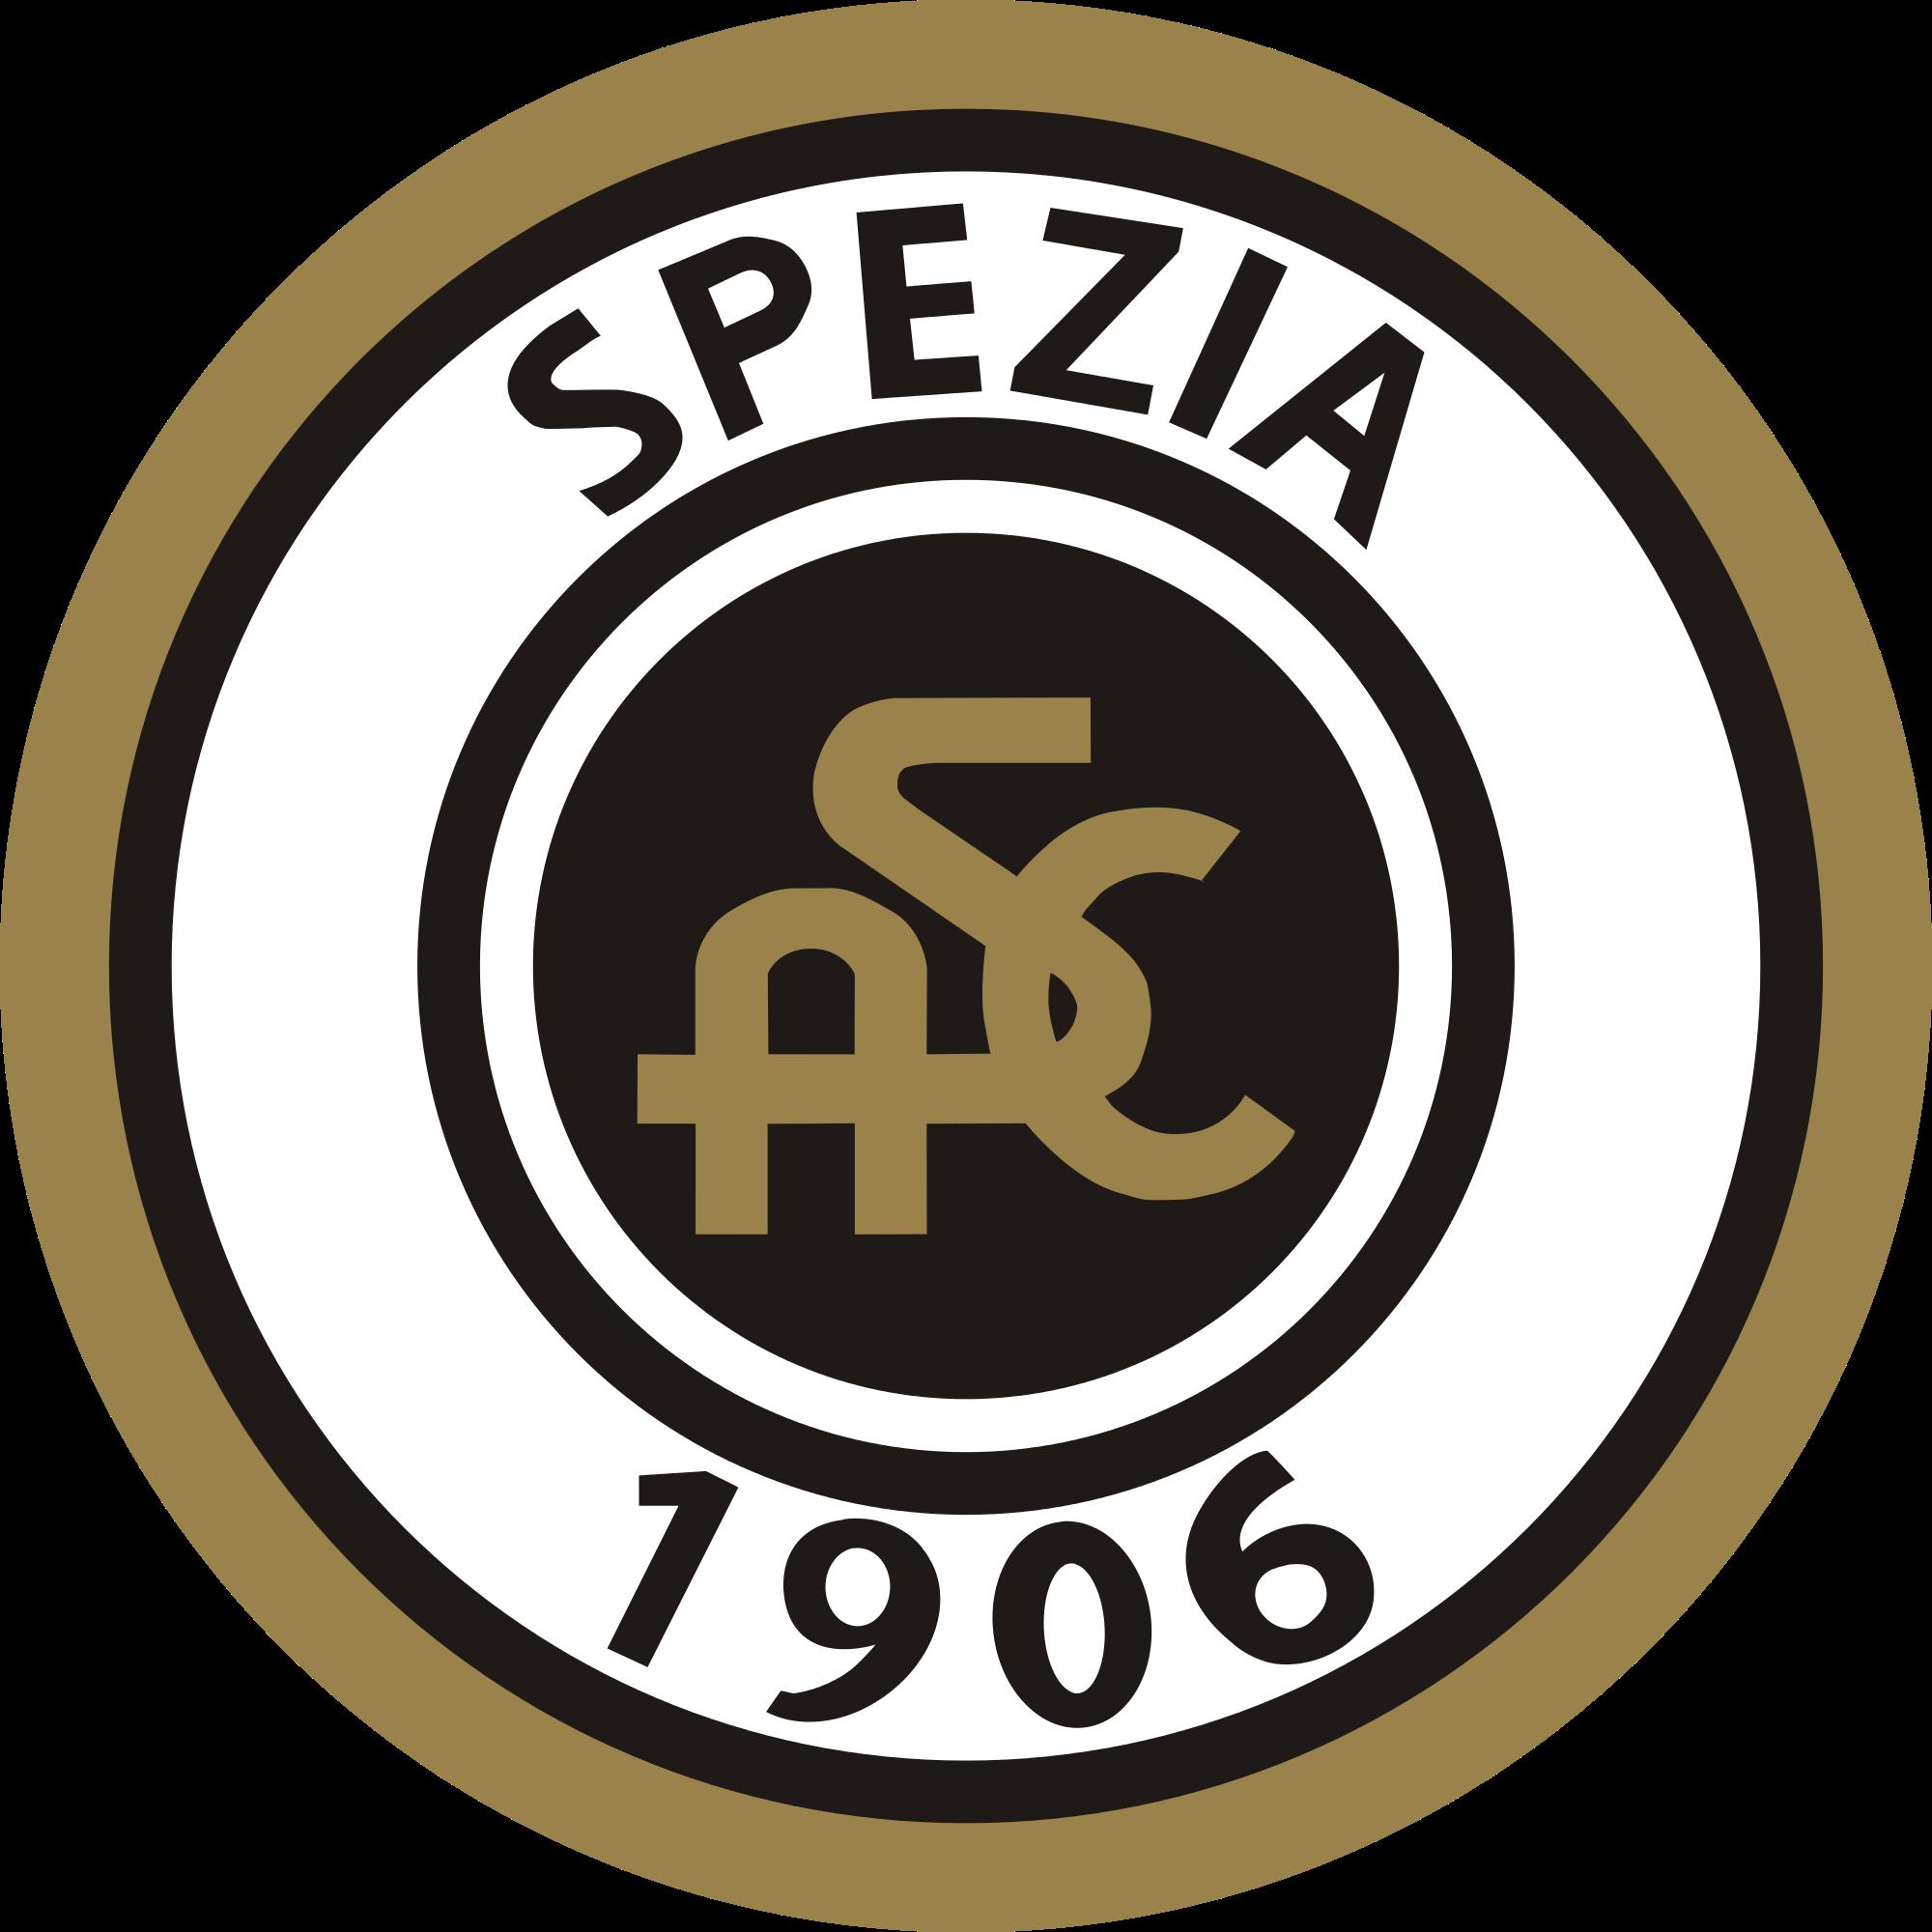 Spezia Calcio 1906